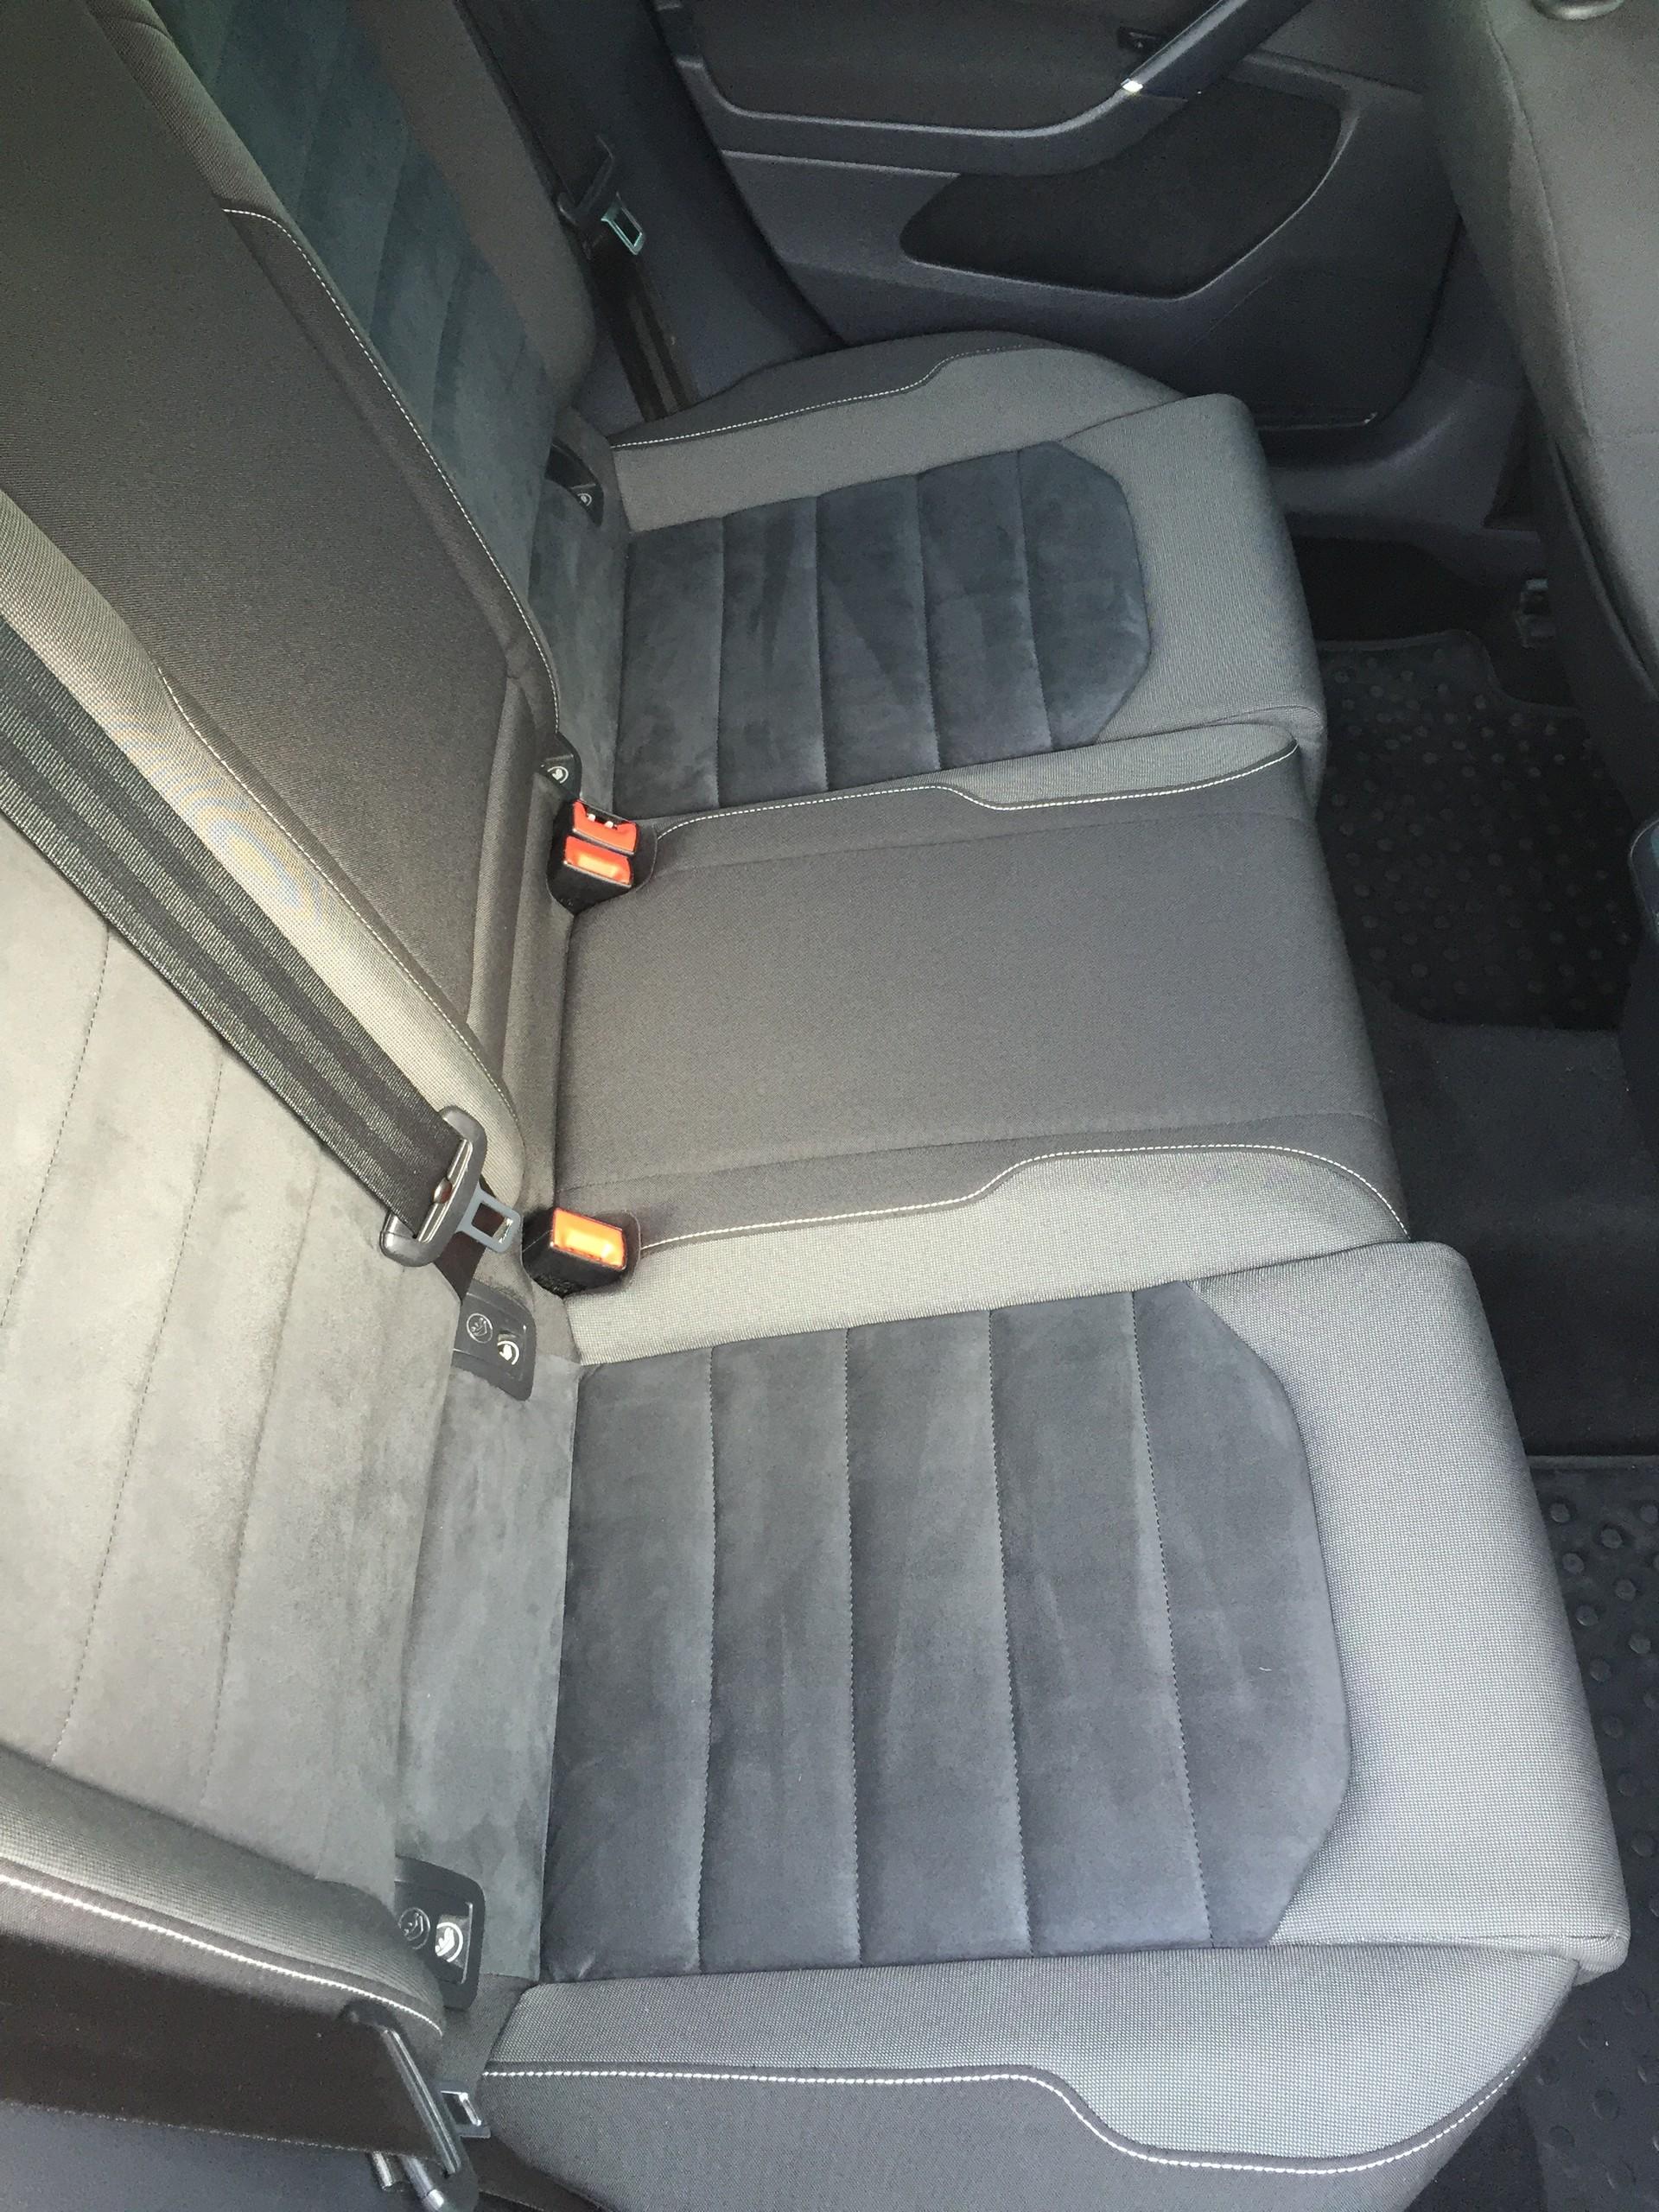 Arabadan Kusmuk Kokusu Nasıl Çıkar